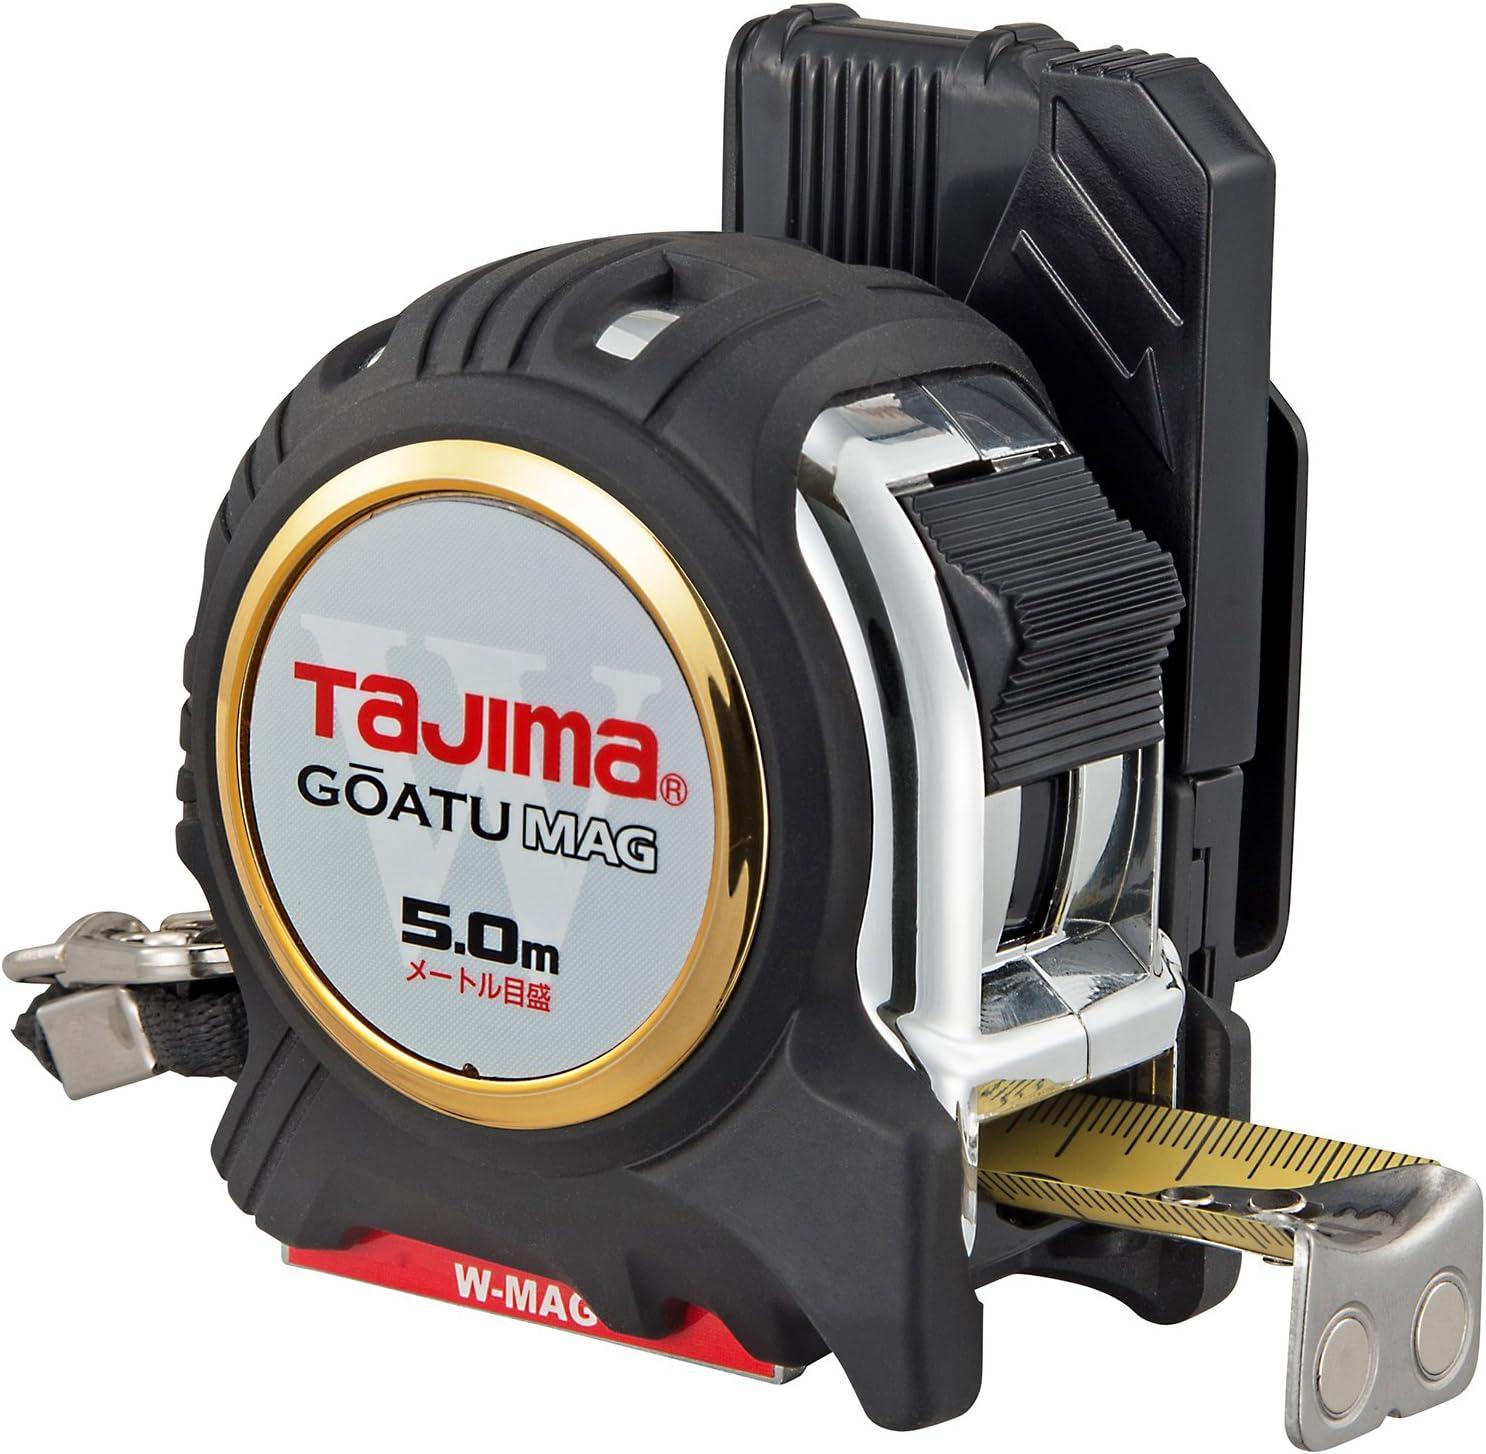 タジマ(Tajima) コンベックス 剛厚セフGロックダブルマグ25 5.0m 25mm幅 メートル目盛 GASFGLWM2550